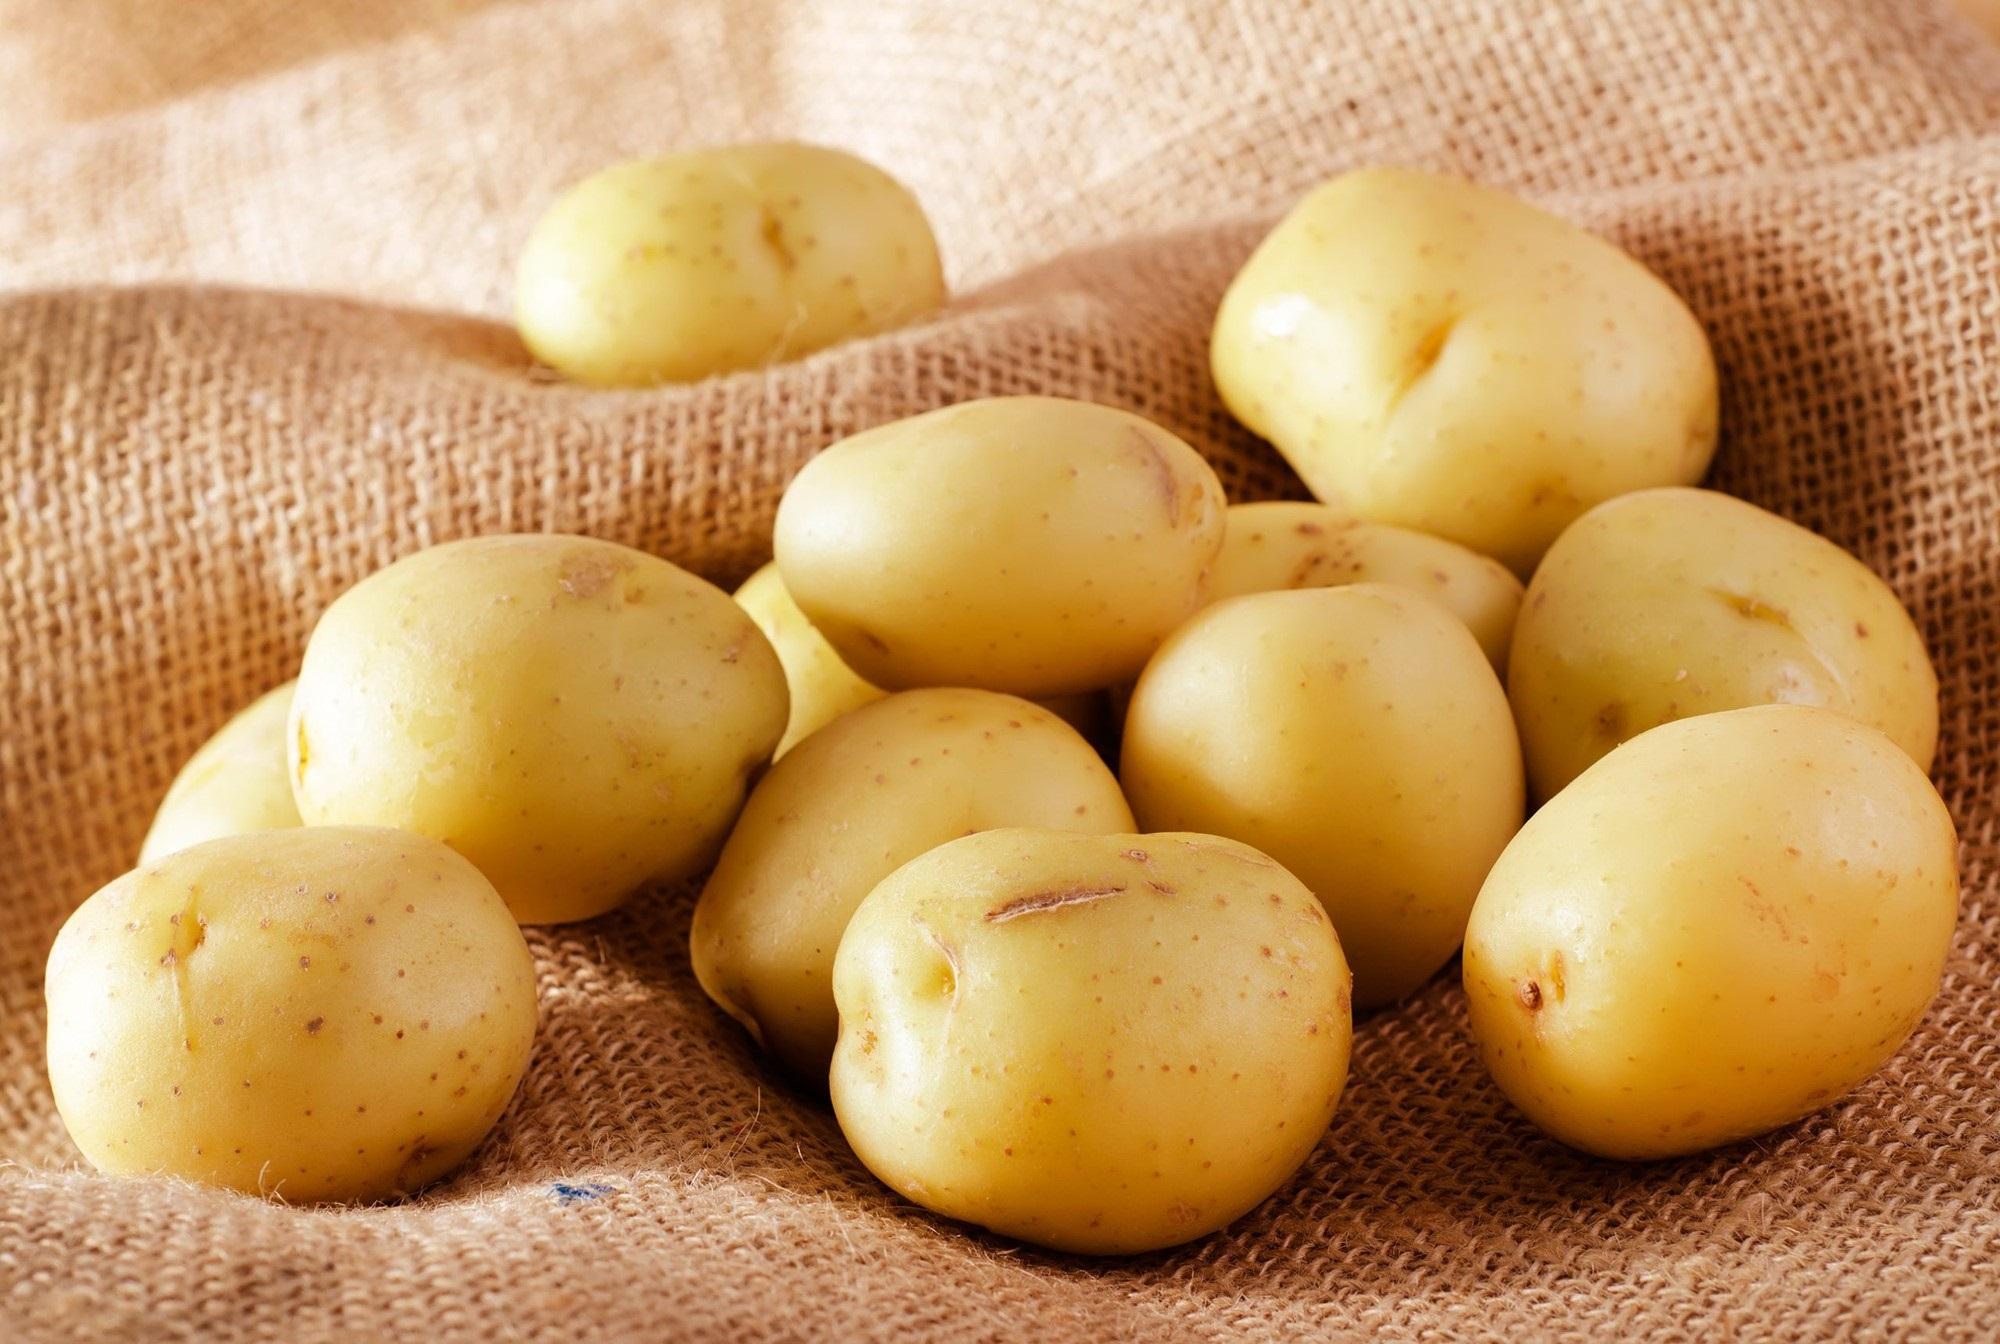 Đây chính là những loại thực phẩm lấy lại độ trắng sáng cấp tốc, không thua gì việc bôi vitamin C hàng ngày - Ảnh 2